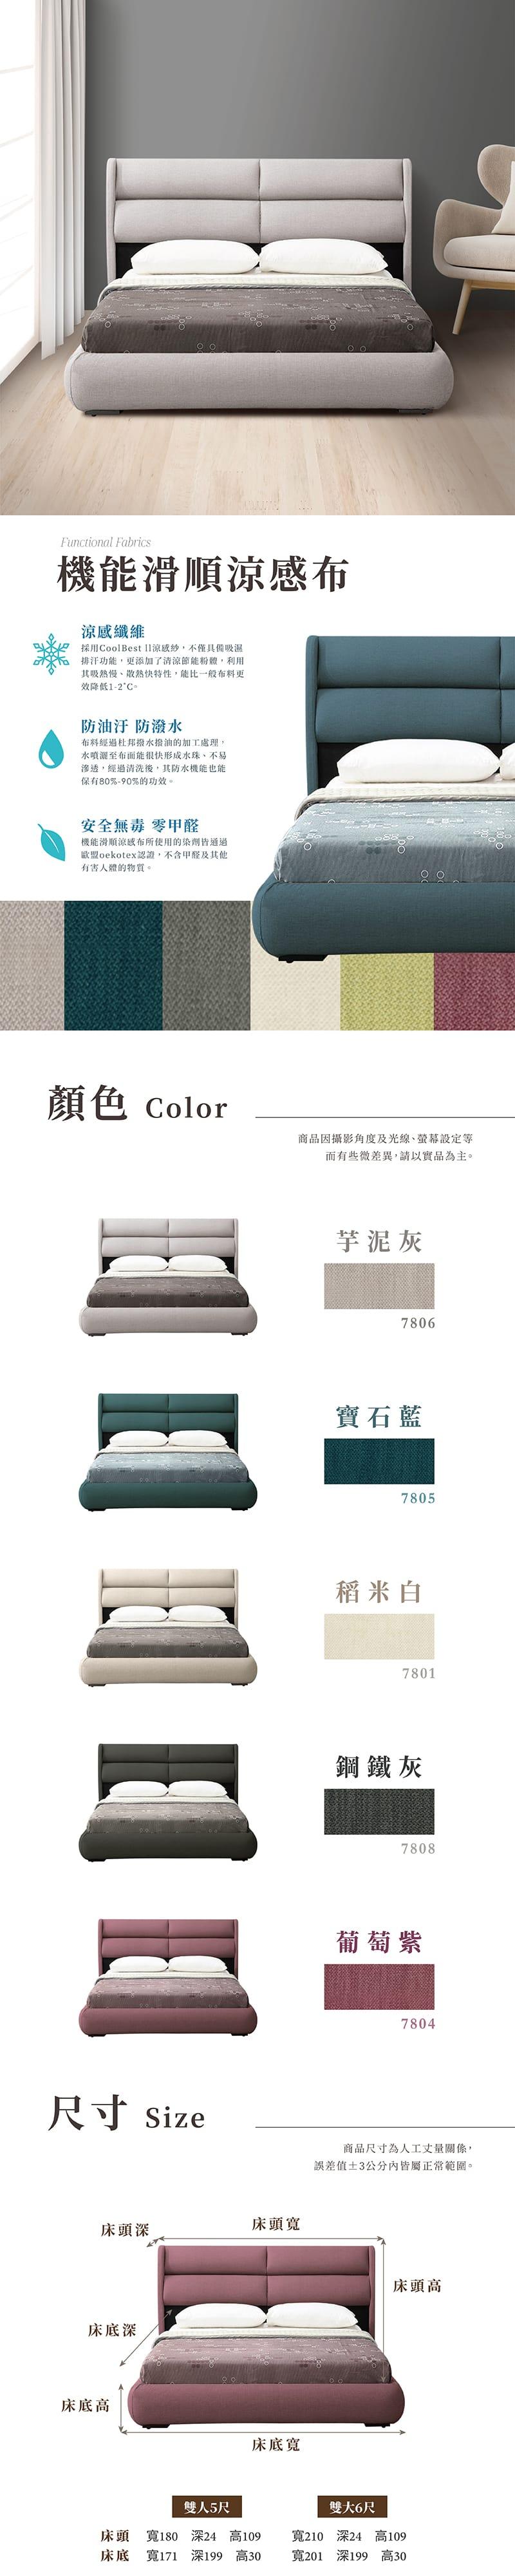 拉比 涼感紗床組兩件 雙人5尺(床頭片+床底)